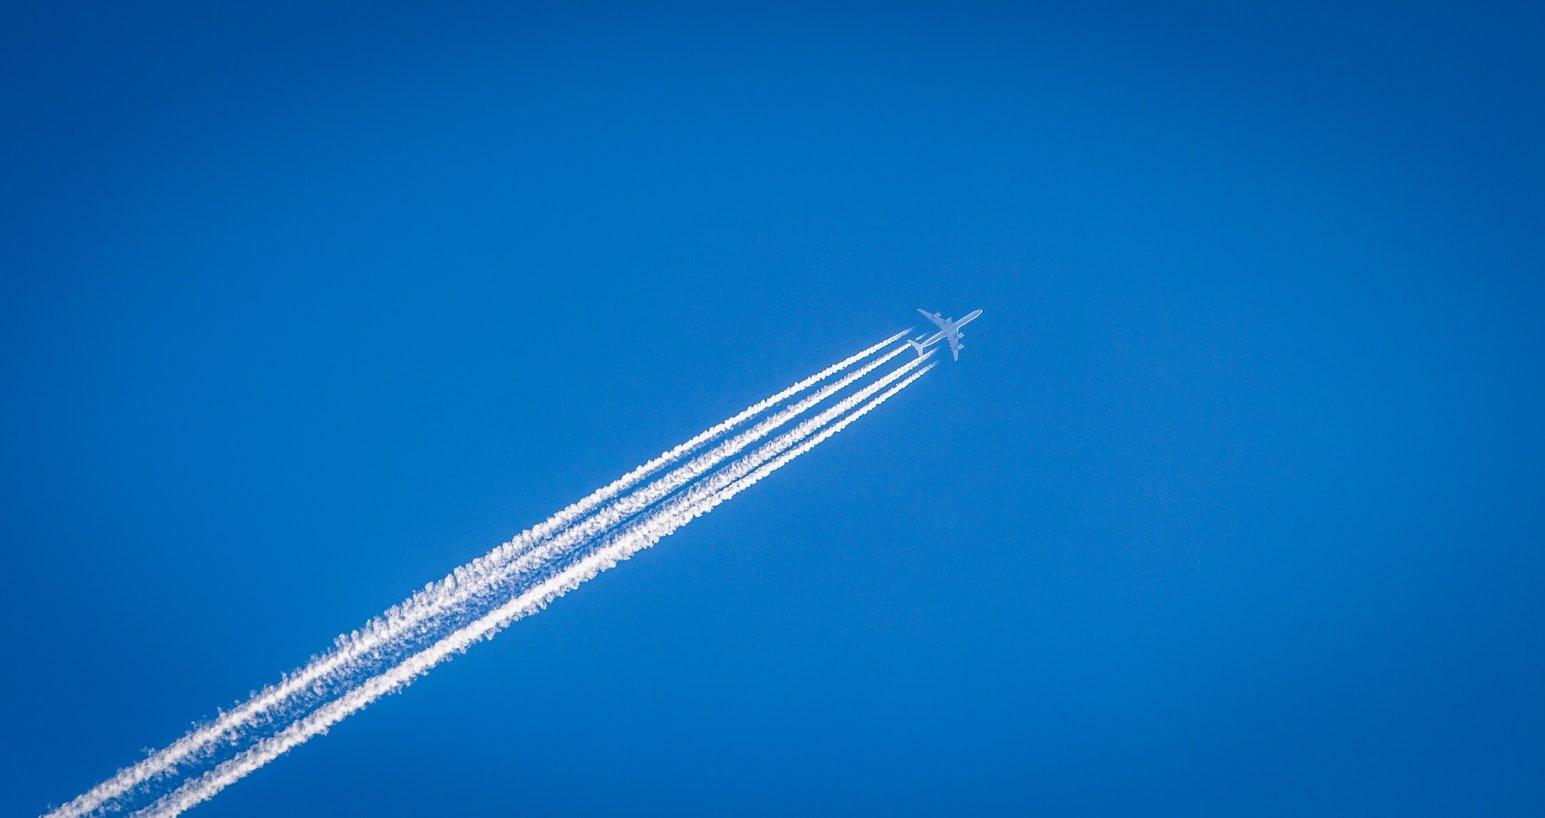 Plane in sky cloud smoke trail